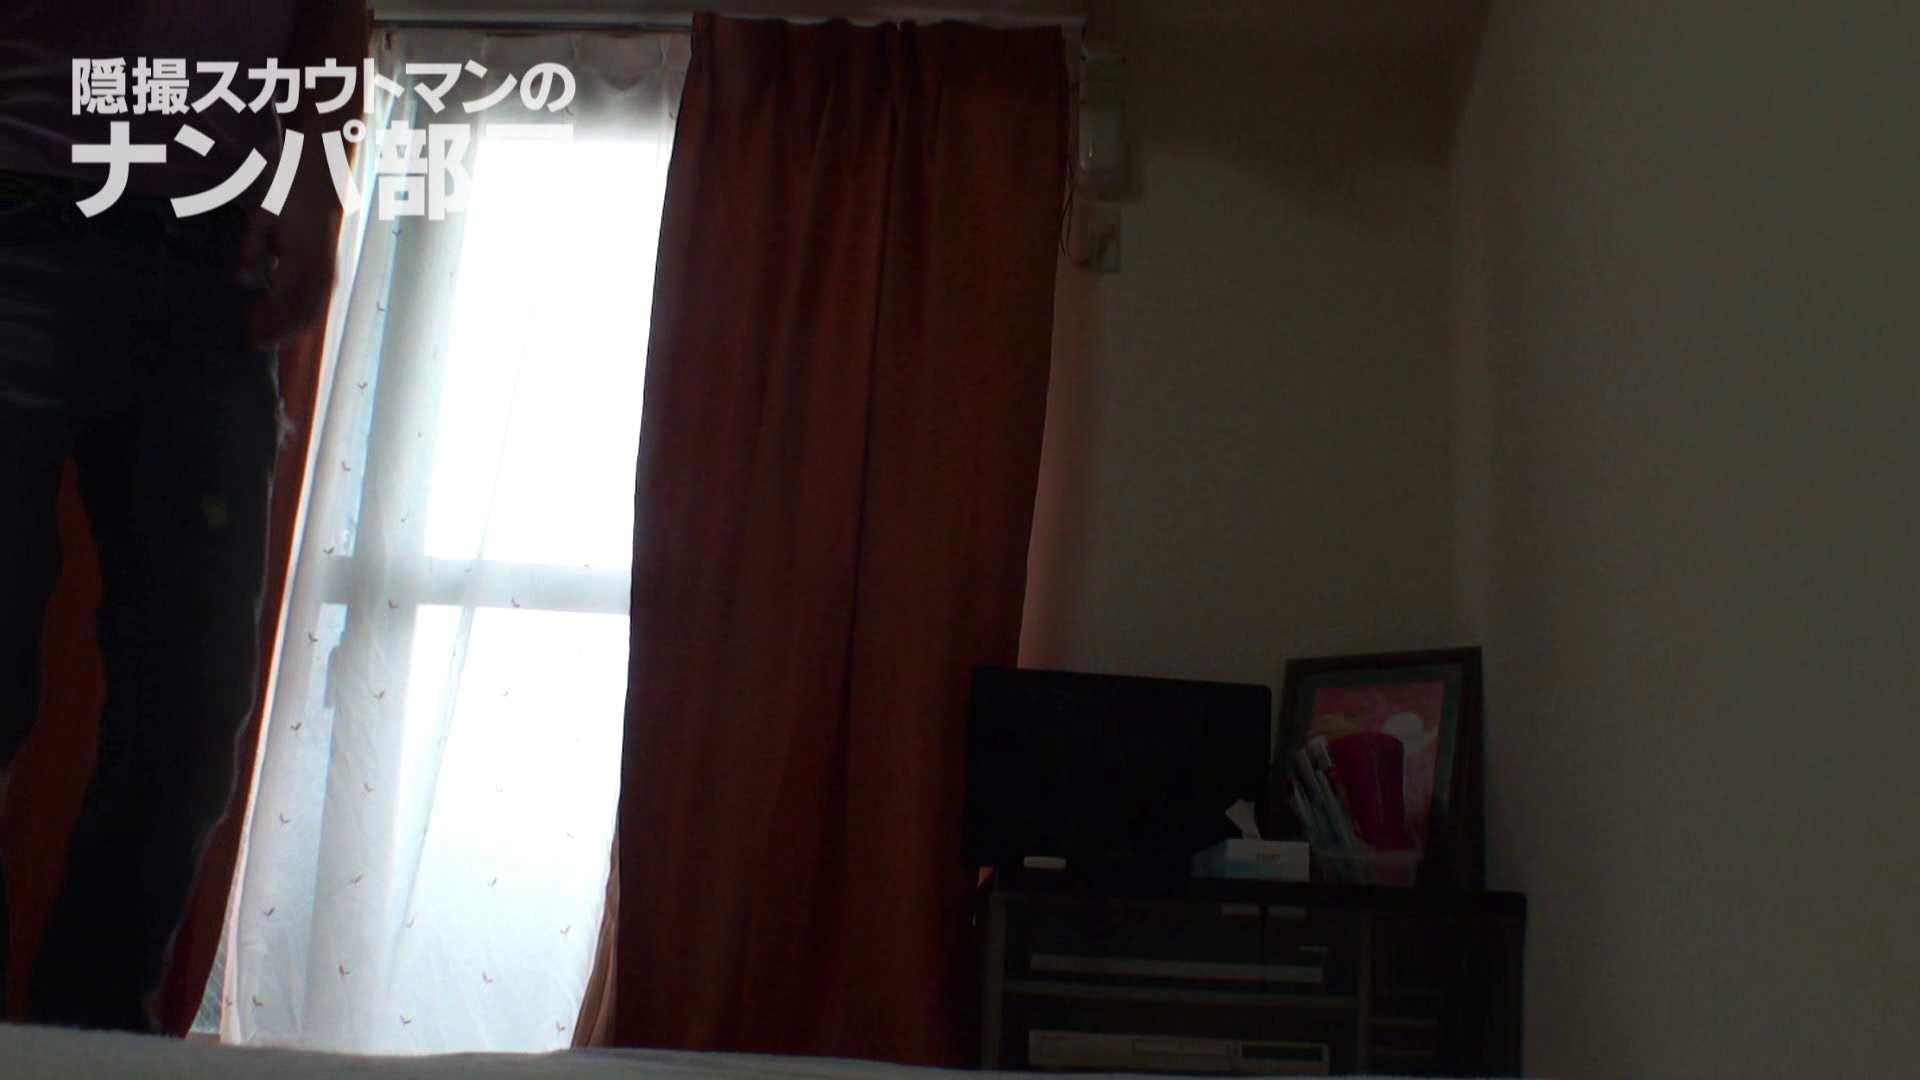 隠撮スカウトマンのナンパ部屋~風俗デビュー前のつまみ食い~ siivol.3 OLのエロ生活  39連発 8